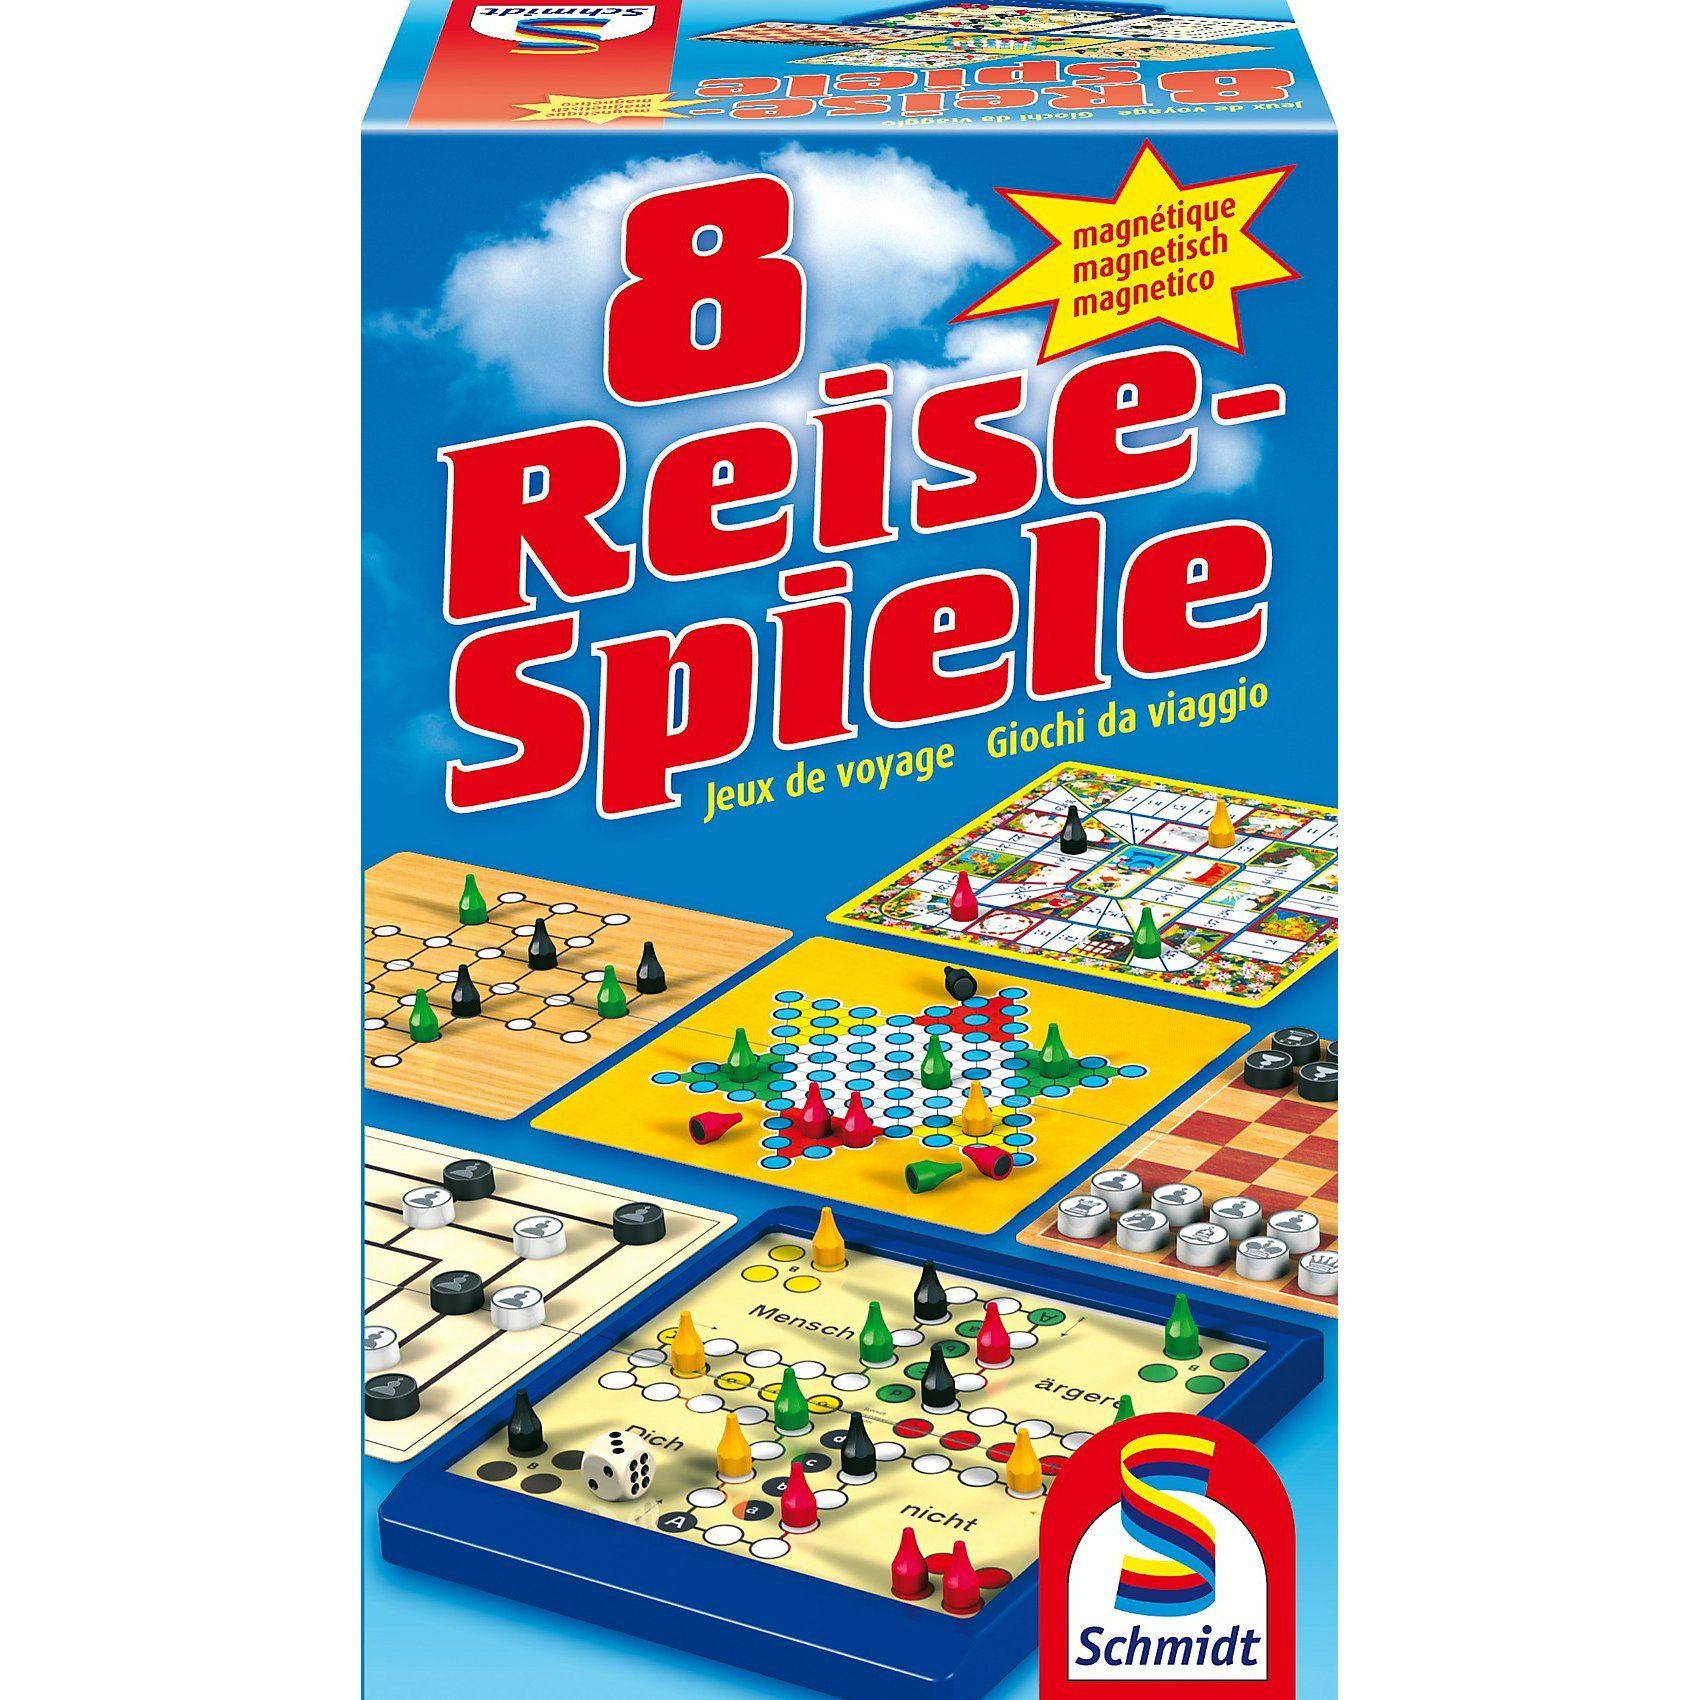 Schmidt Spiele Spielesammlung 8 Reise-Spiele, magnetisch